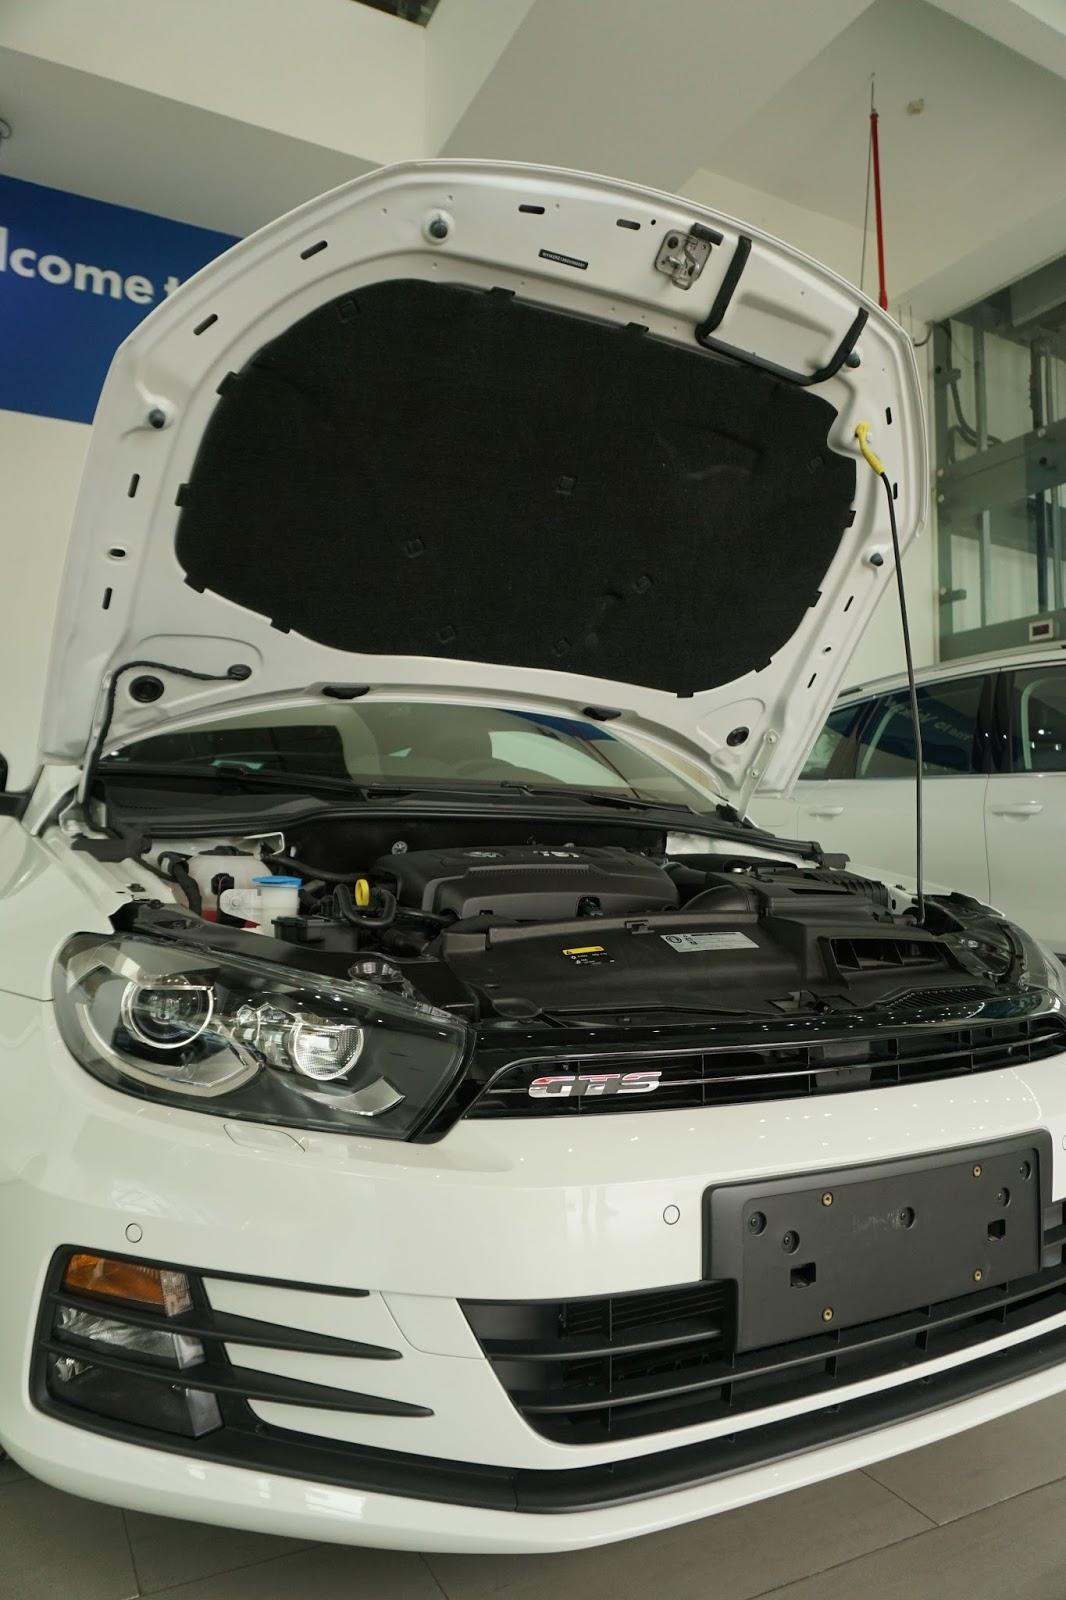 Scirocco GTS 2016 sở hữu khối động cơ thể thao cực mạnh, nên lái chắc rất đã